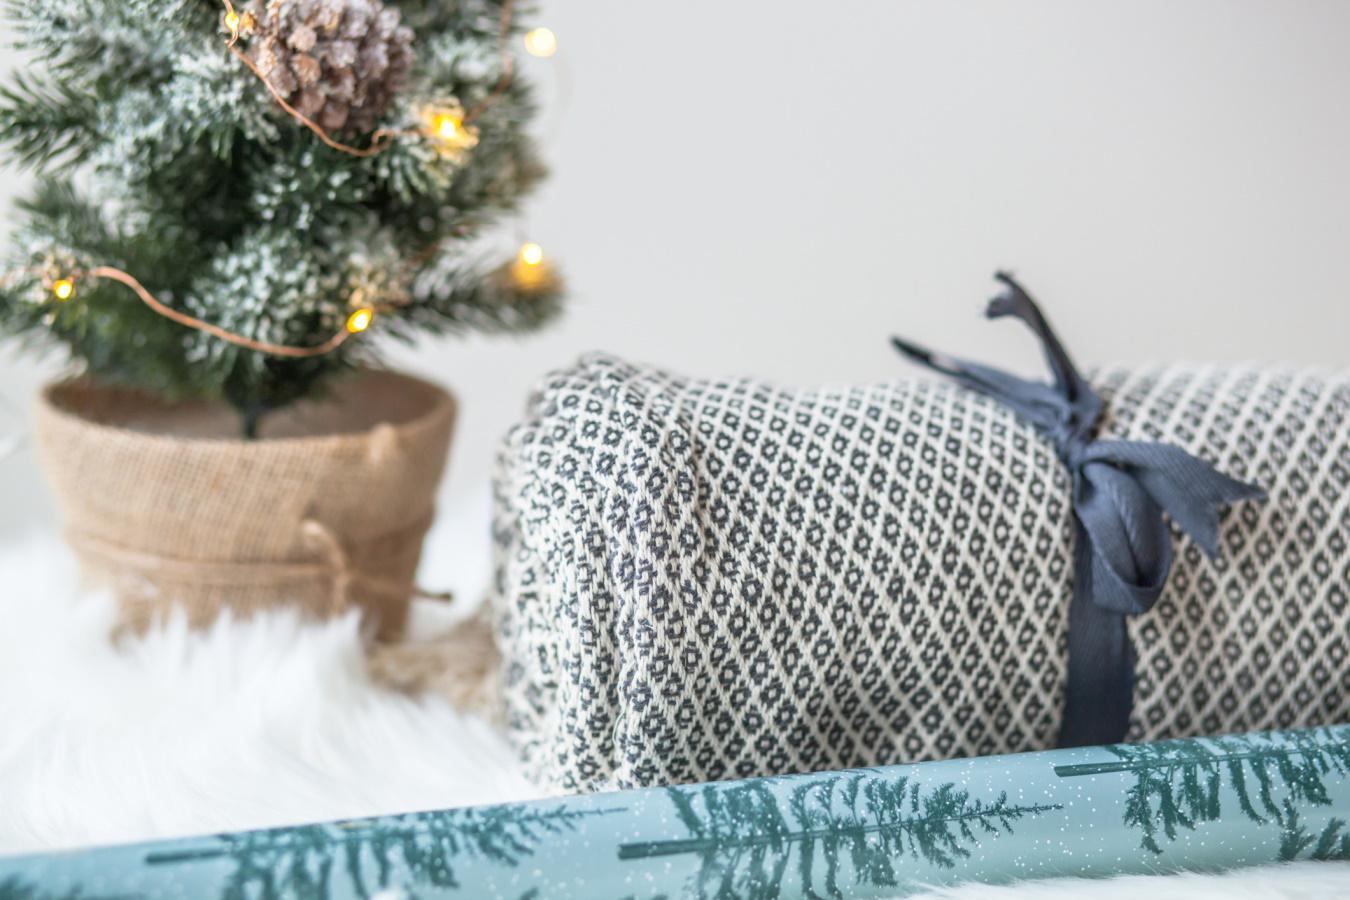 <p>Меко одеяло за студени зимни дни</p>  <p>Зимата е от сезоните, които изискват от нас по-дълъг престой у дома. Тогава непременно прибягваме към любима книга, чаша горещ шоколад и канелени сладки. В такъв момент няма нищо по-приятно от това да се завием с меко и топло одеяло. Така подаръкът ви може да напомня за вас.</p>